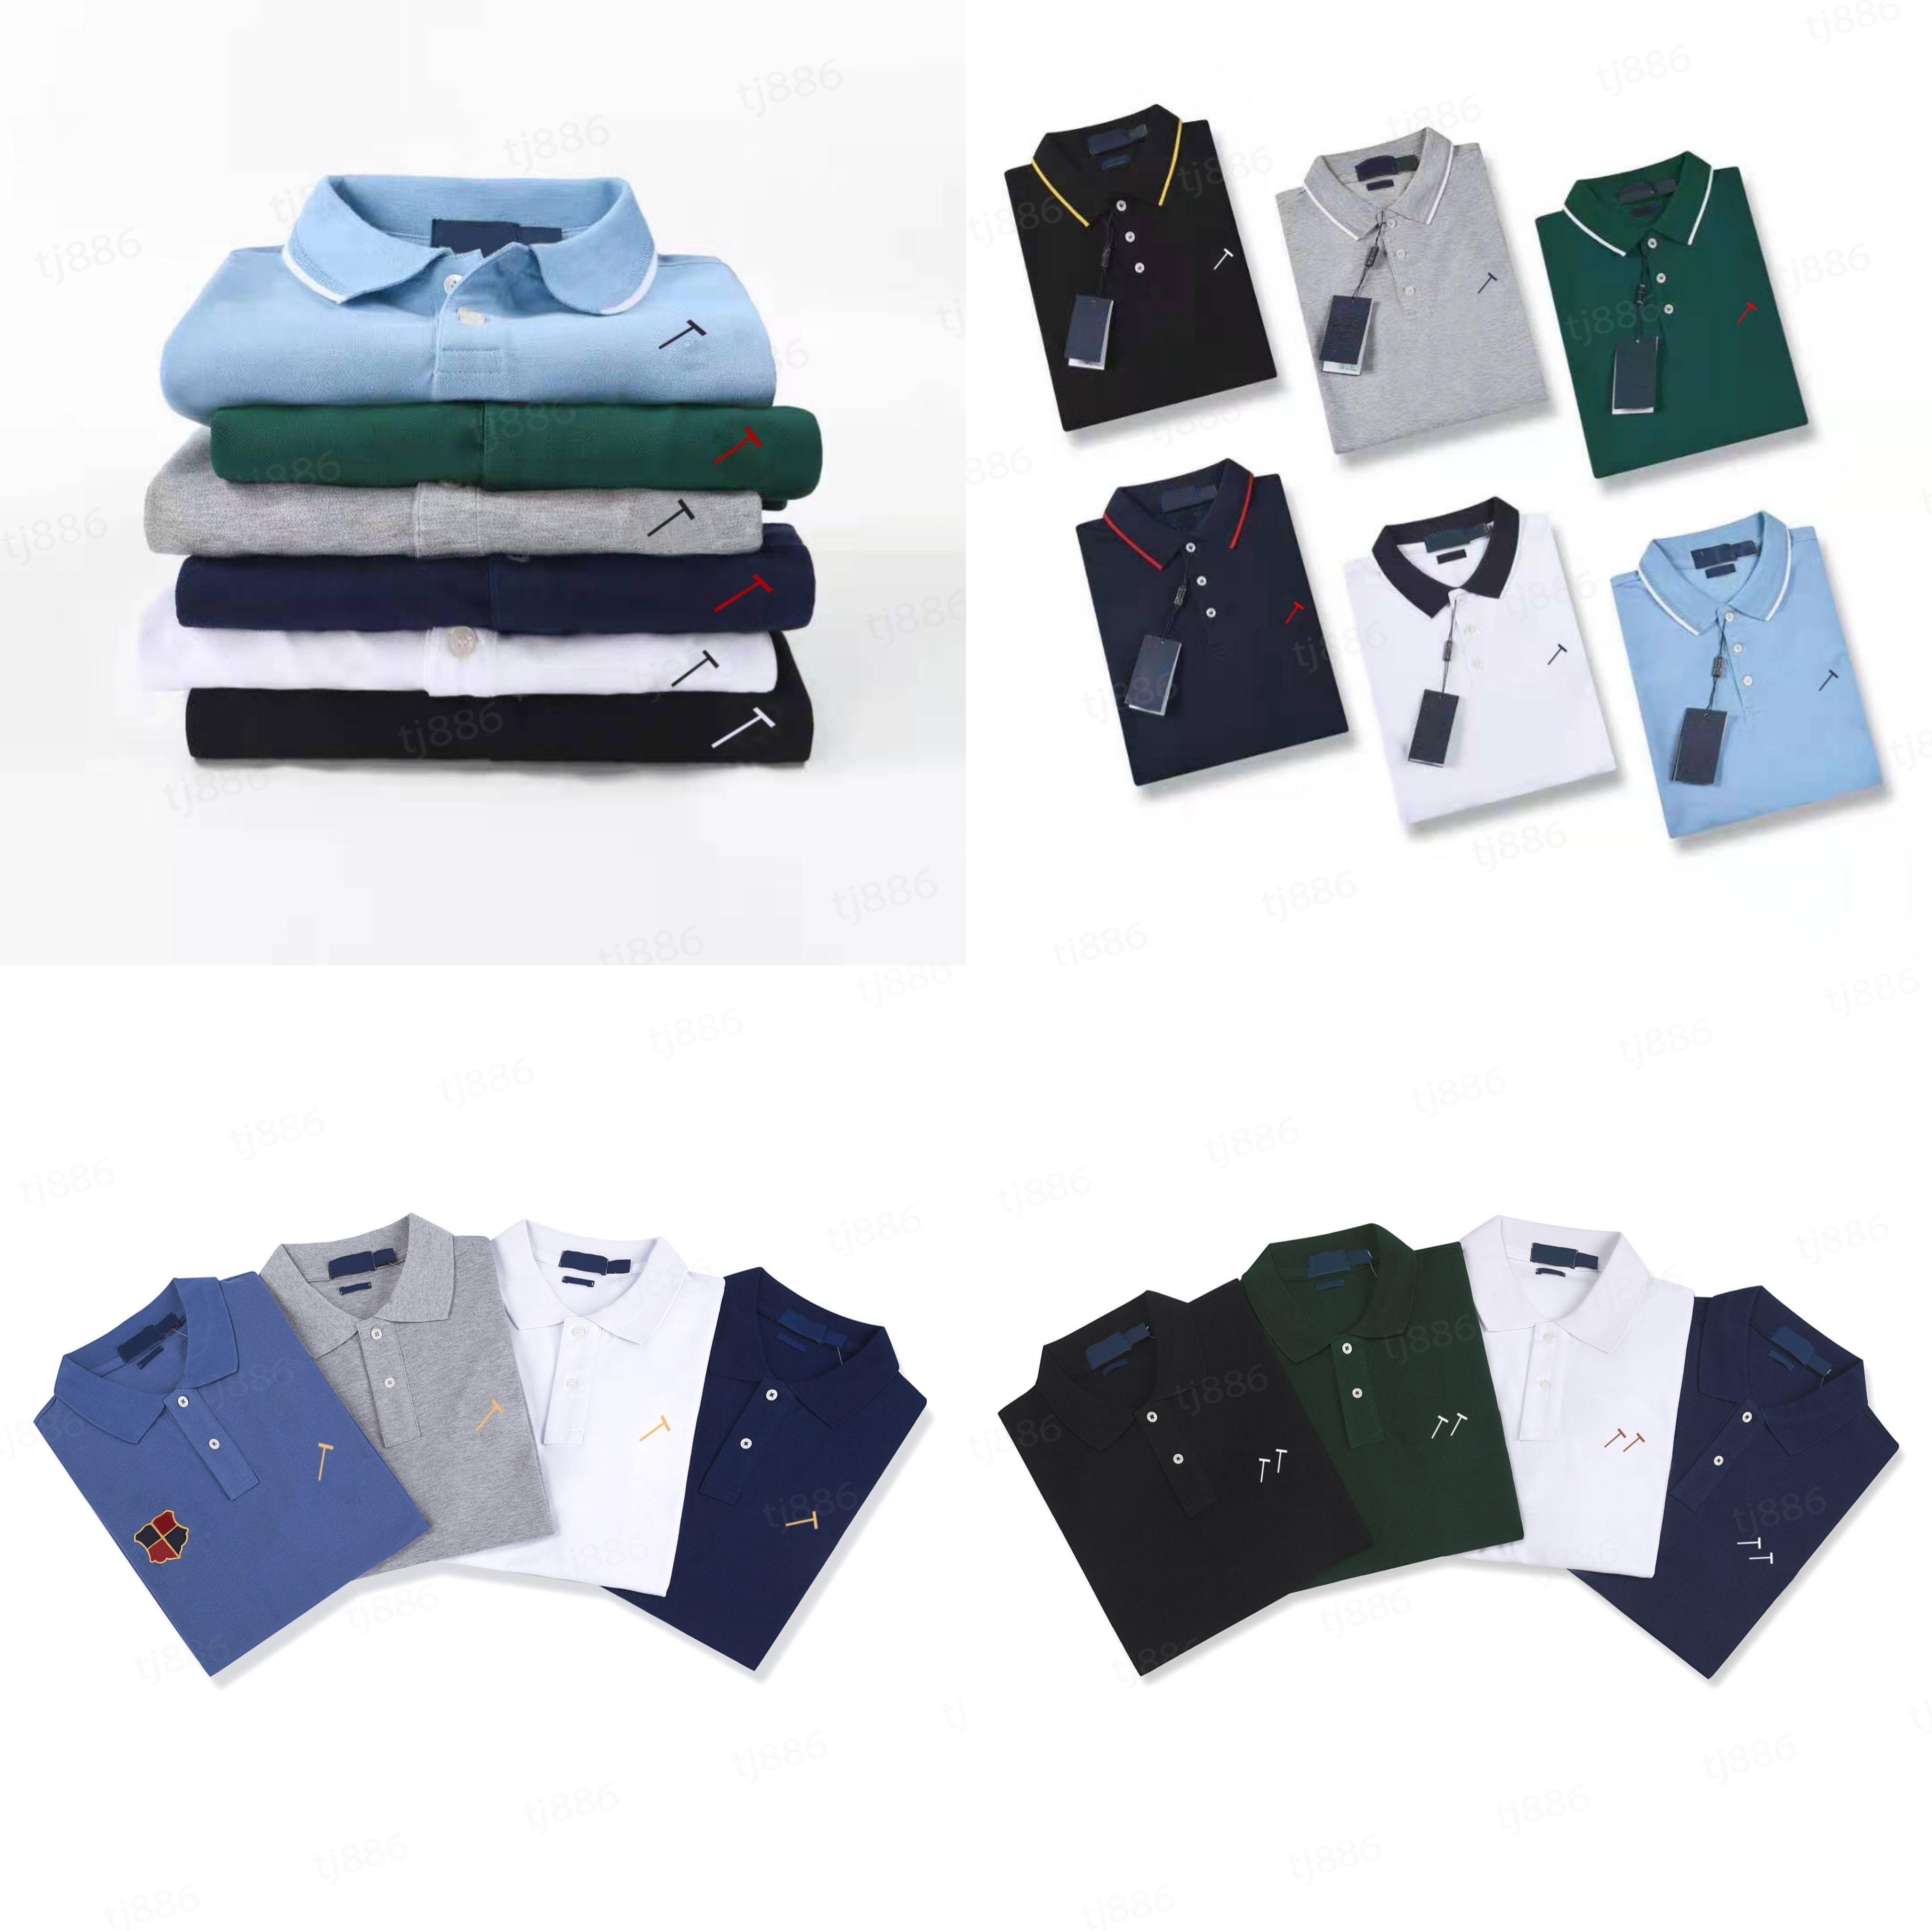 Polo Polo de Alta Qualidade Camisa Sticks Bordado Clássico Casual Casual Homme Mangas Curtas T - shirts Mulheres Algodão Confortável Tendência Verão Top1